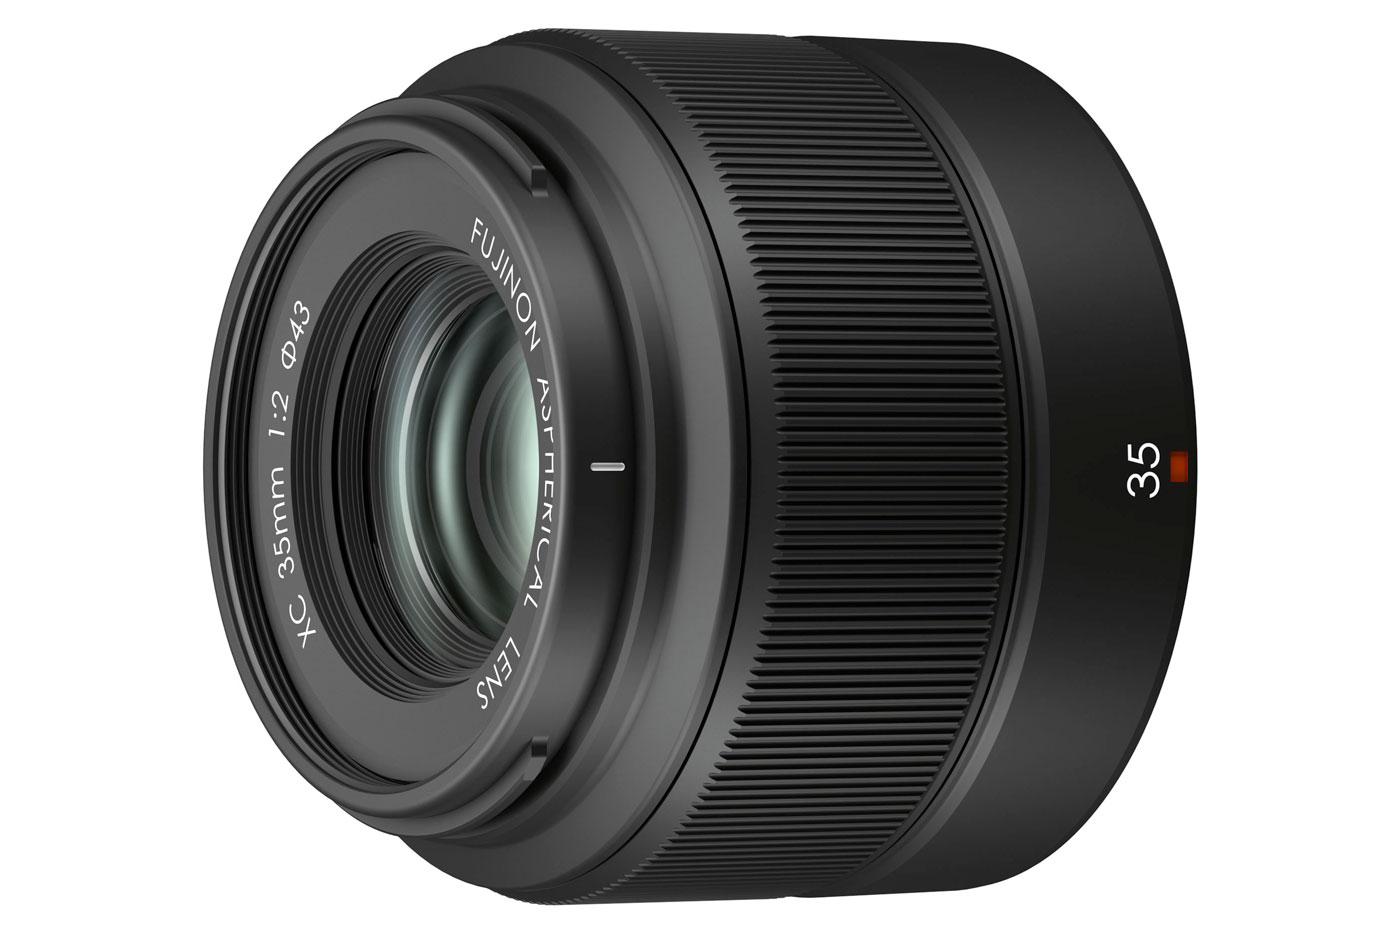 Fujifilm XC 35 mm f/2.